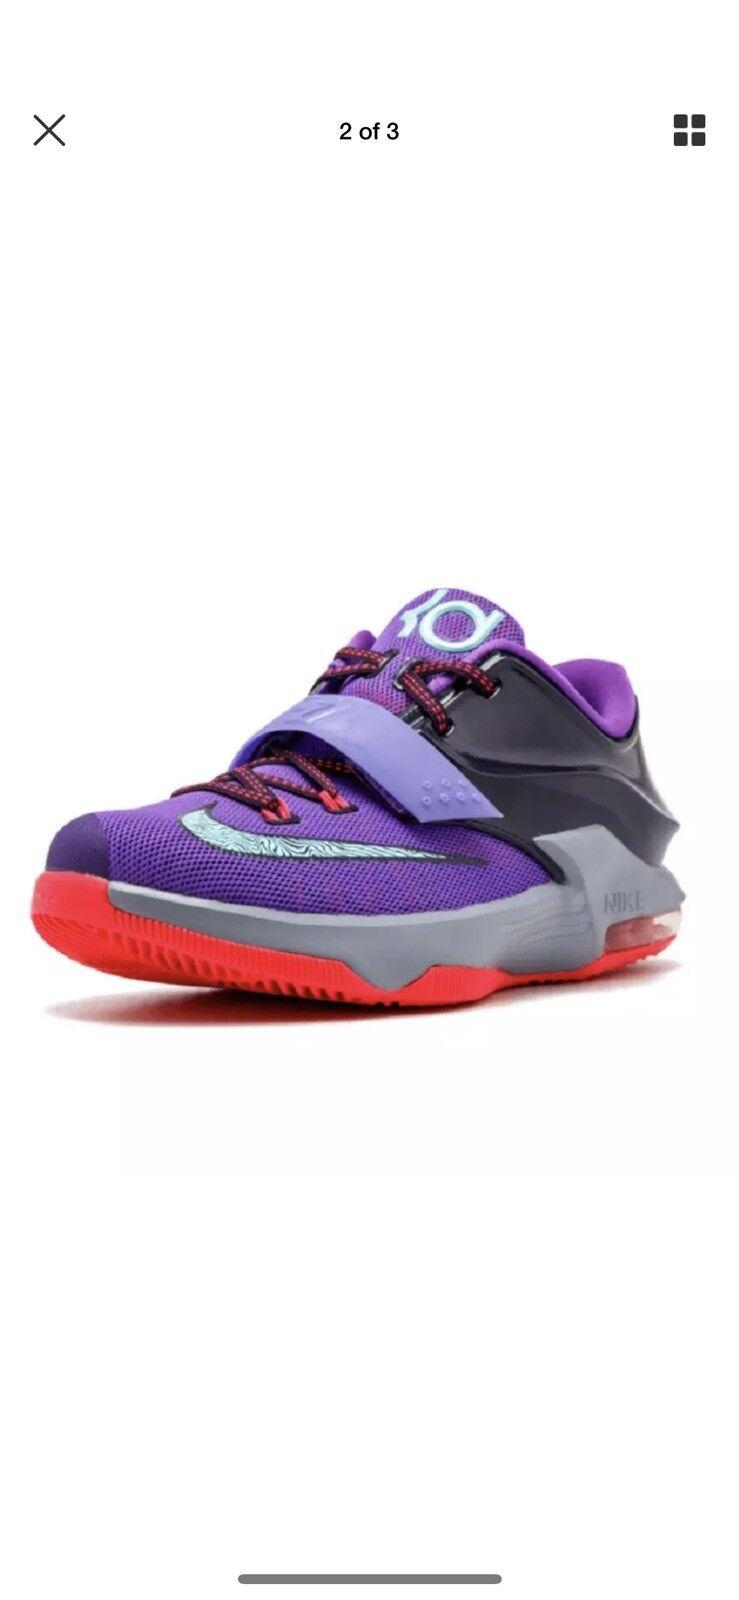 Nike air zoom kd kevin durant basket formatori taglia 11  indossato una volta. | Bello e affascinante  | Uomini/Donne Scarpa